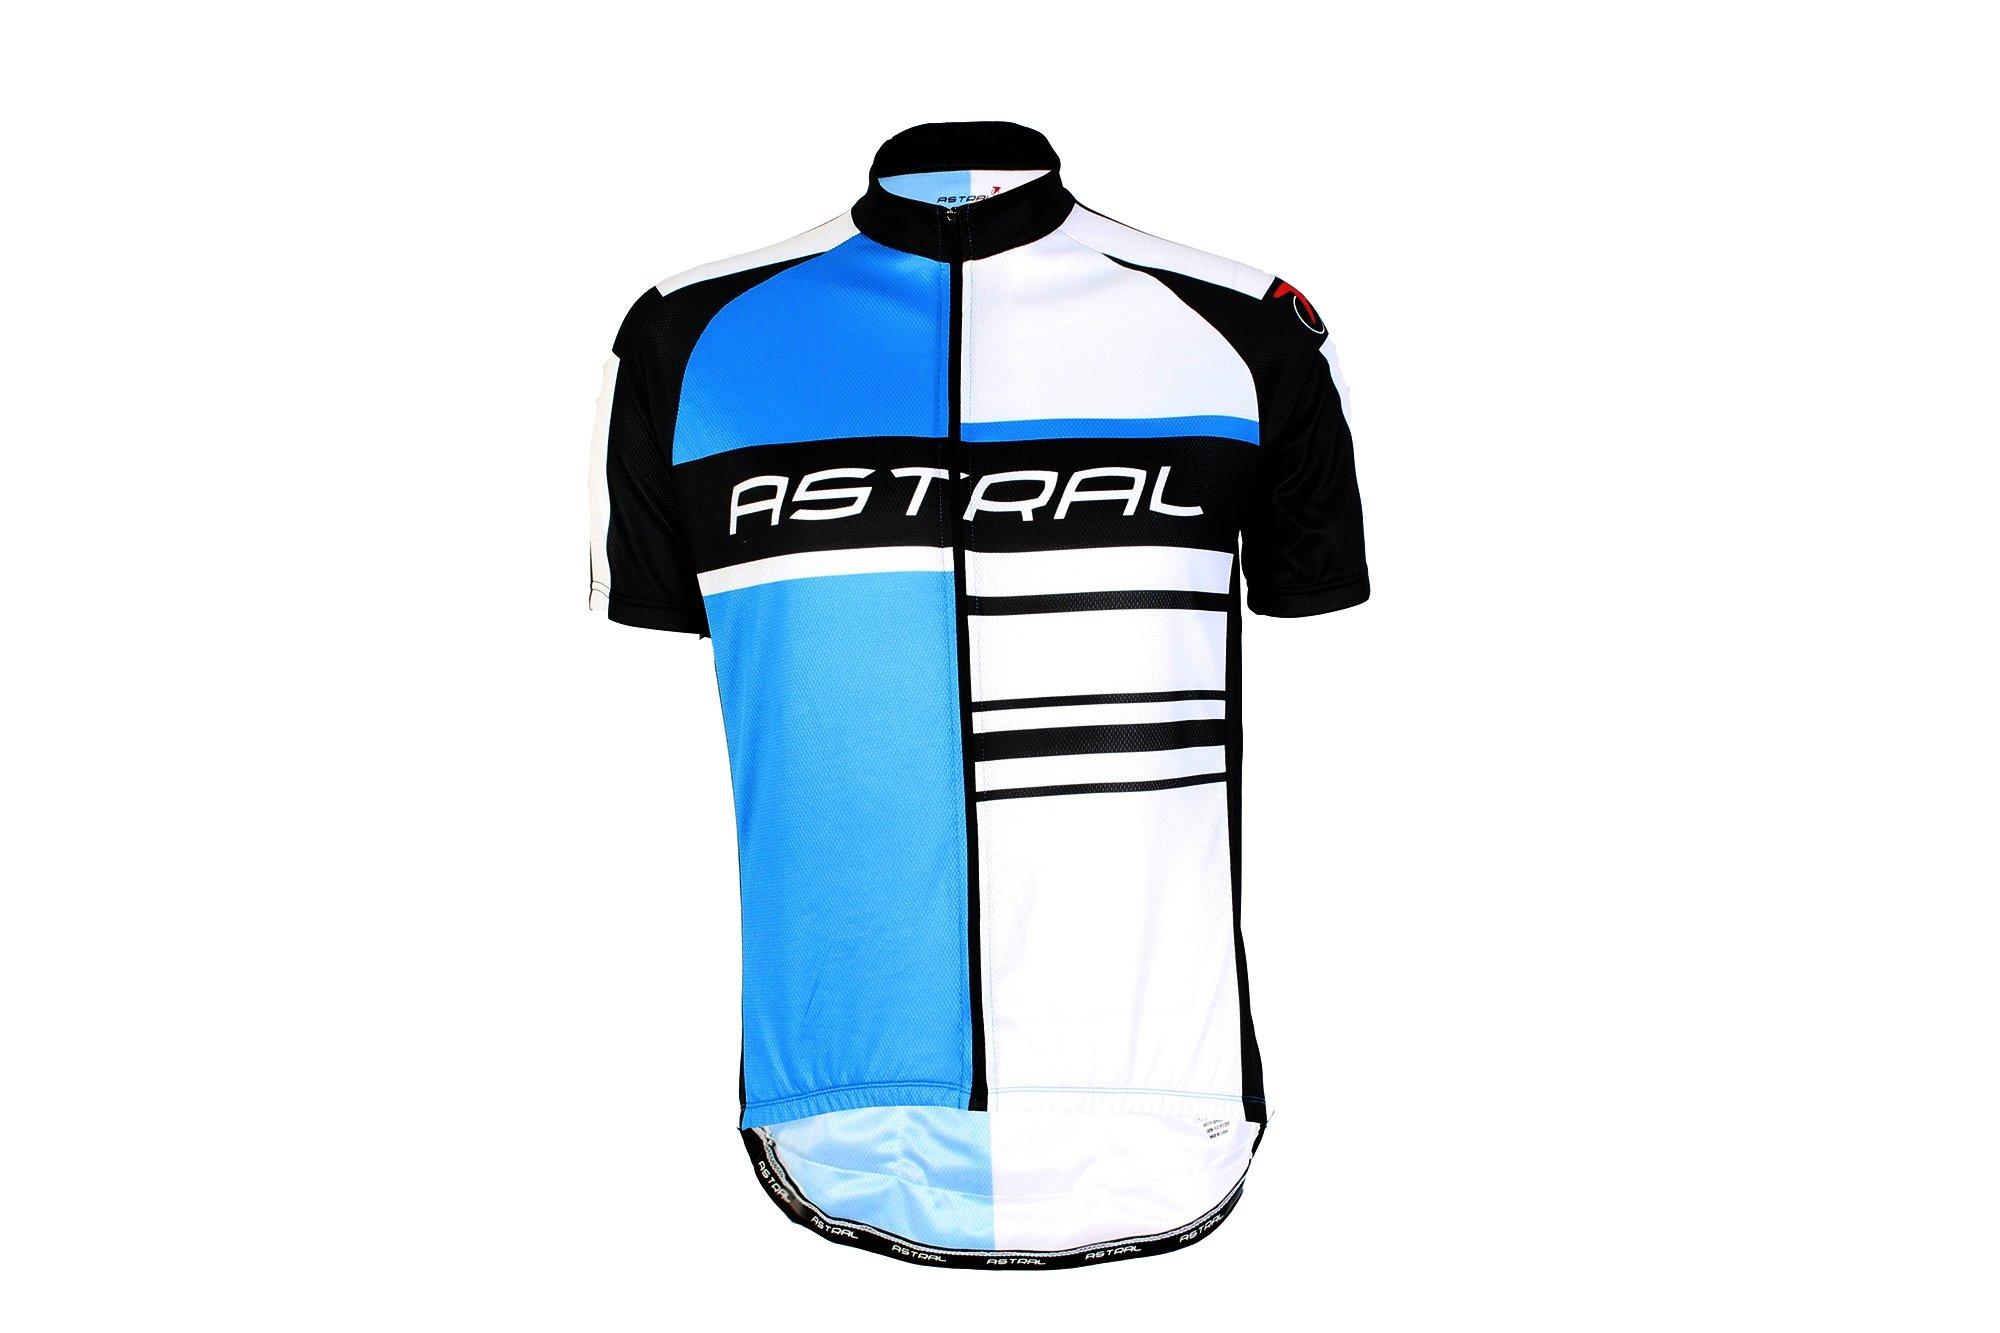 Astral kortærmet cykeltrøje logo blå/hvid/Sort